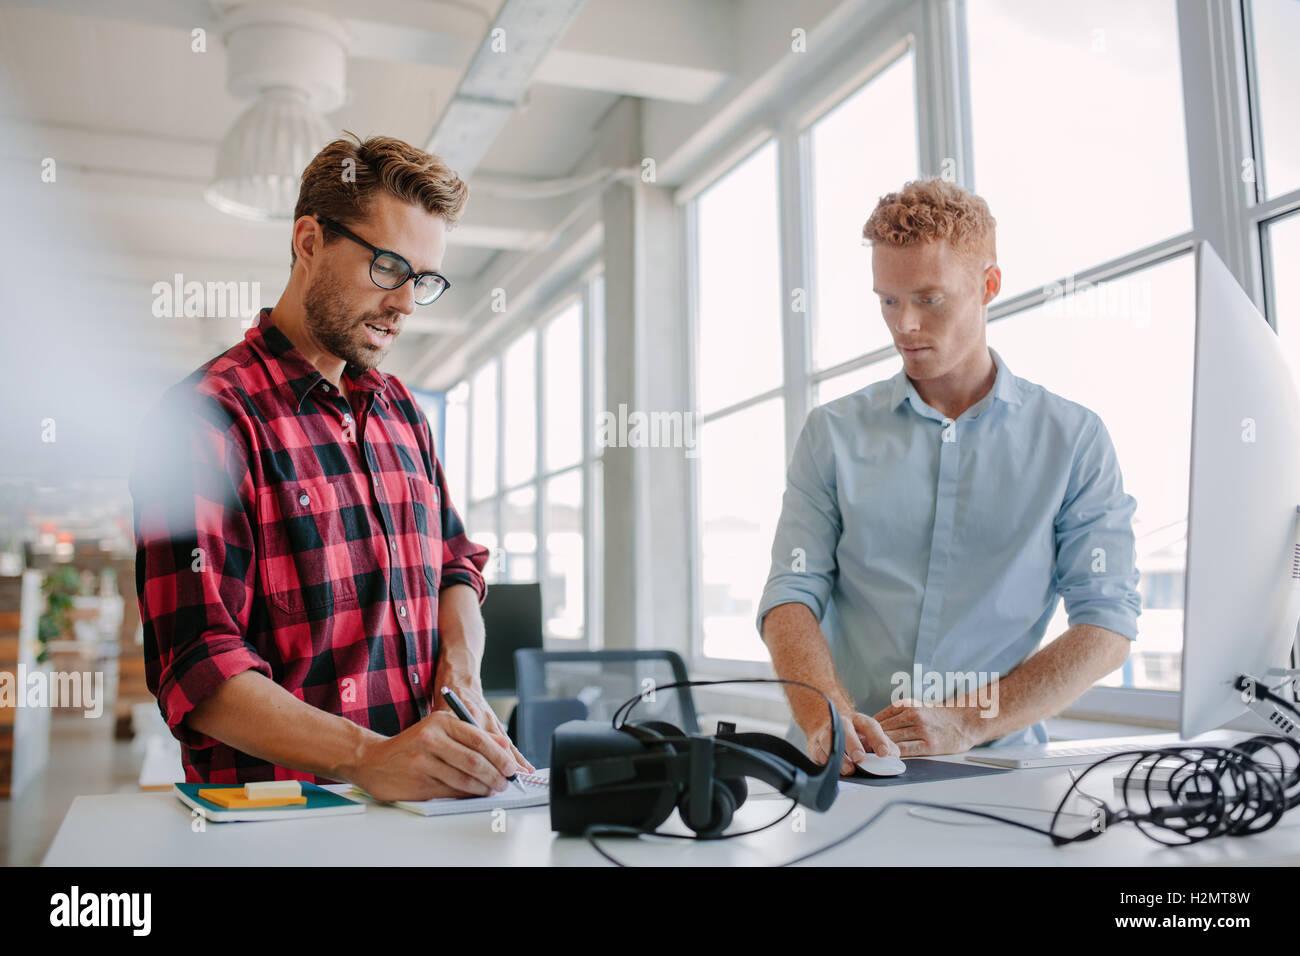 Due giovani proprietari che lavorano insieme. Essi sono in piedi in una tabella con occhiali per realtà virtuale. Immagini Stock